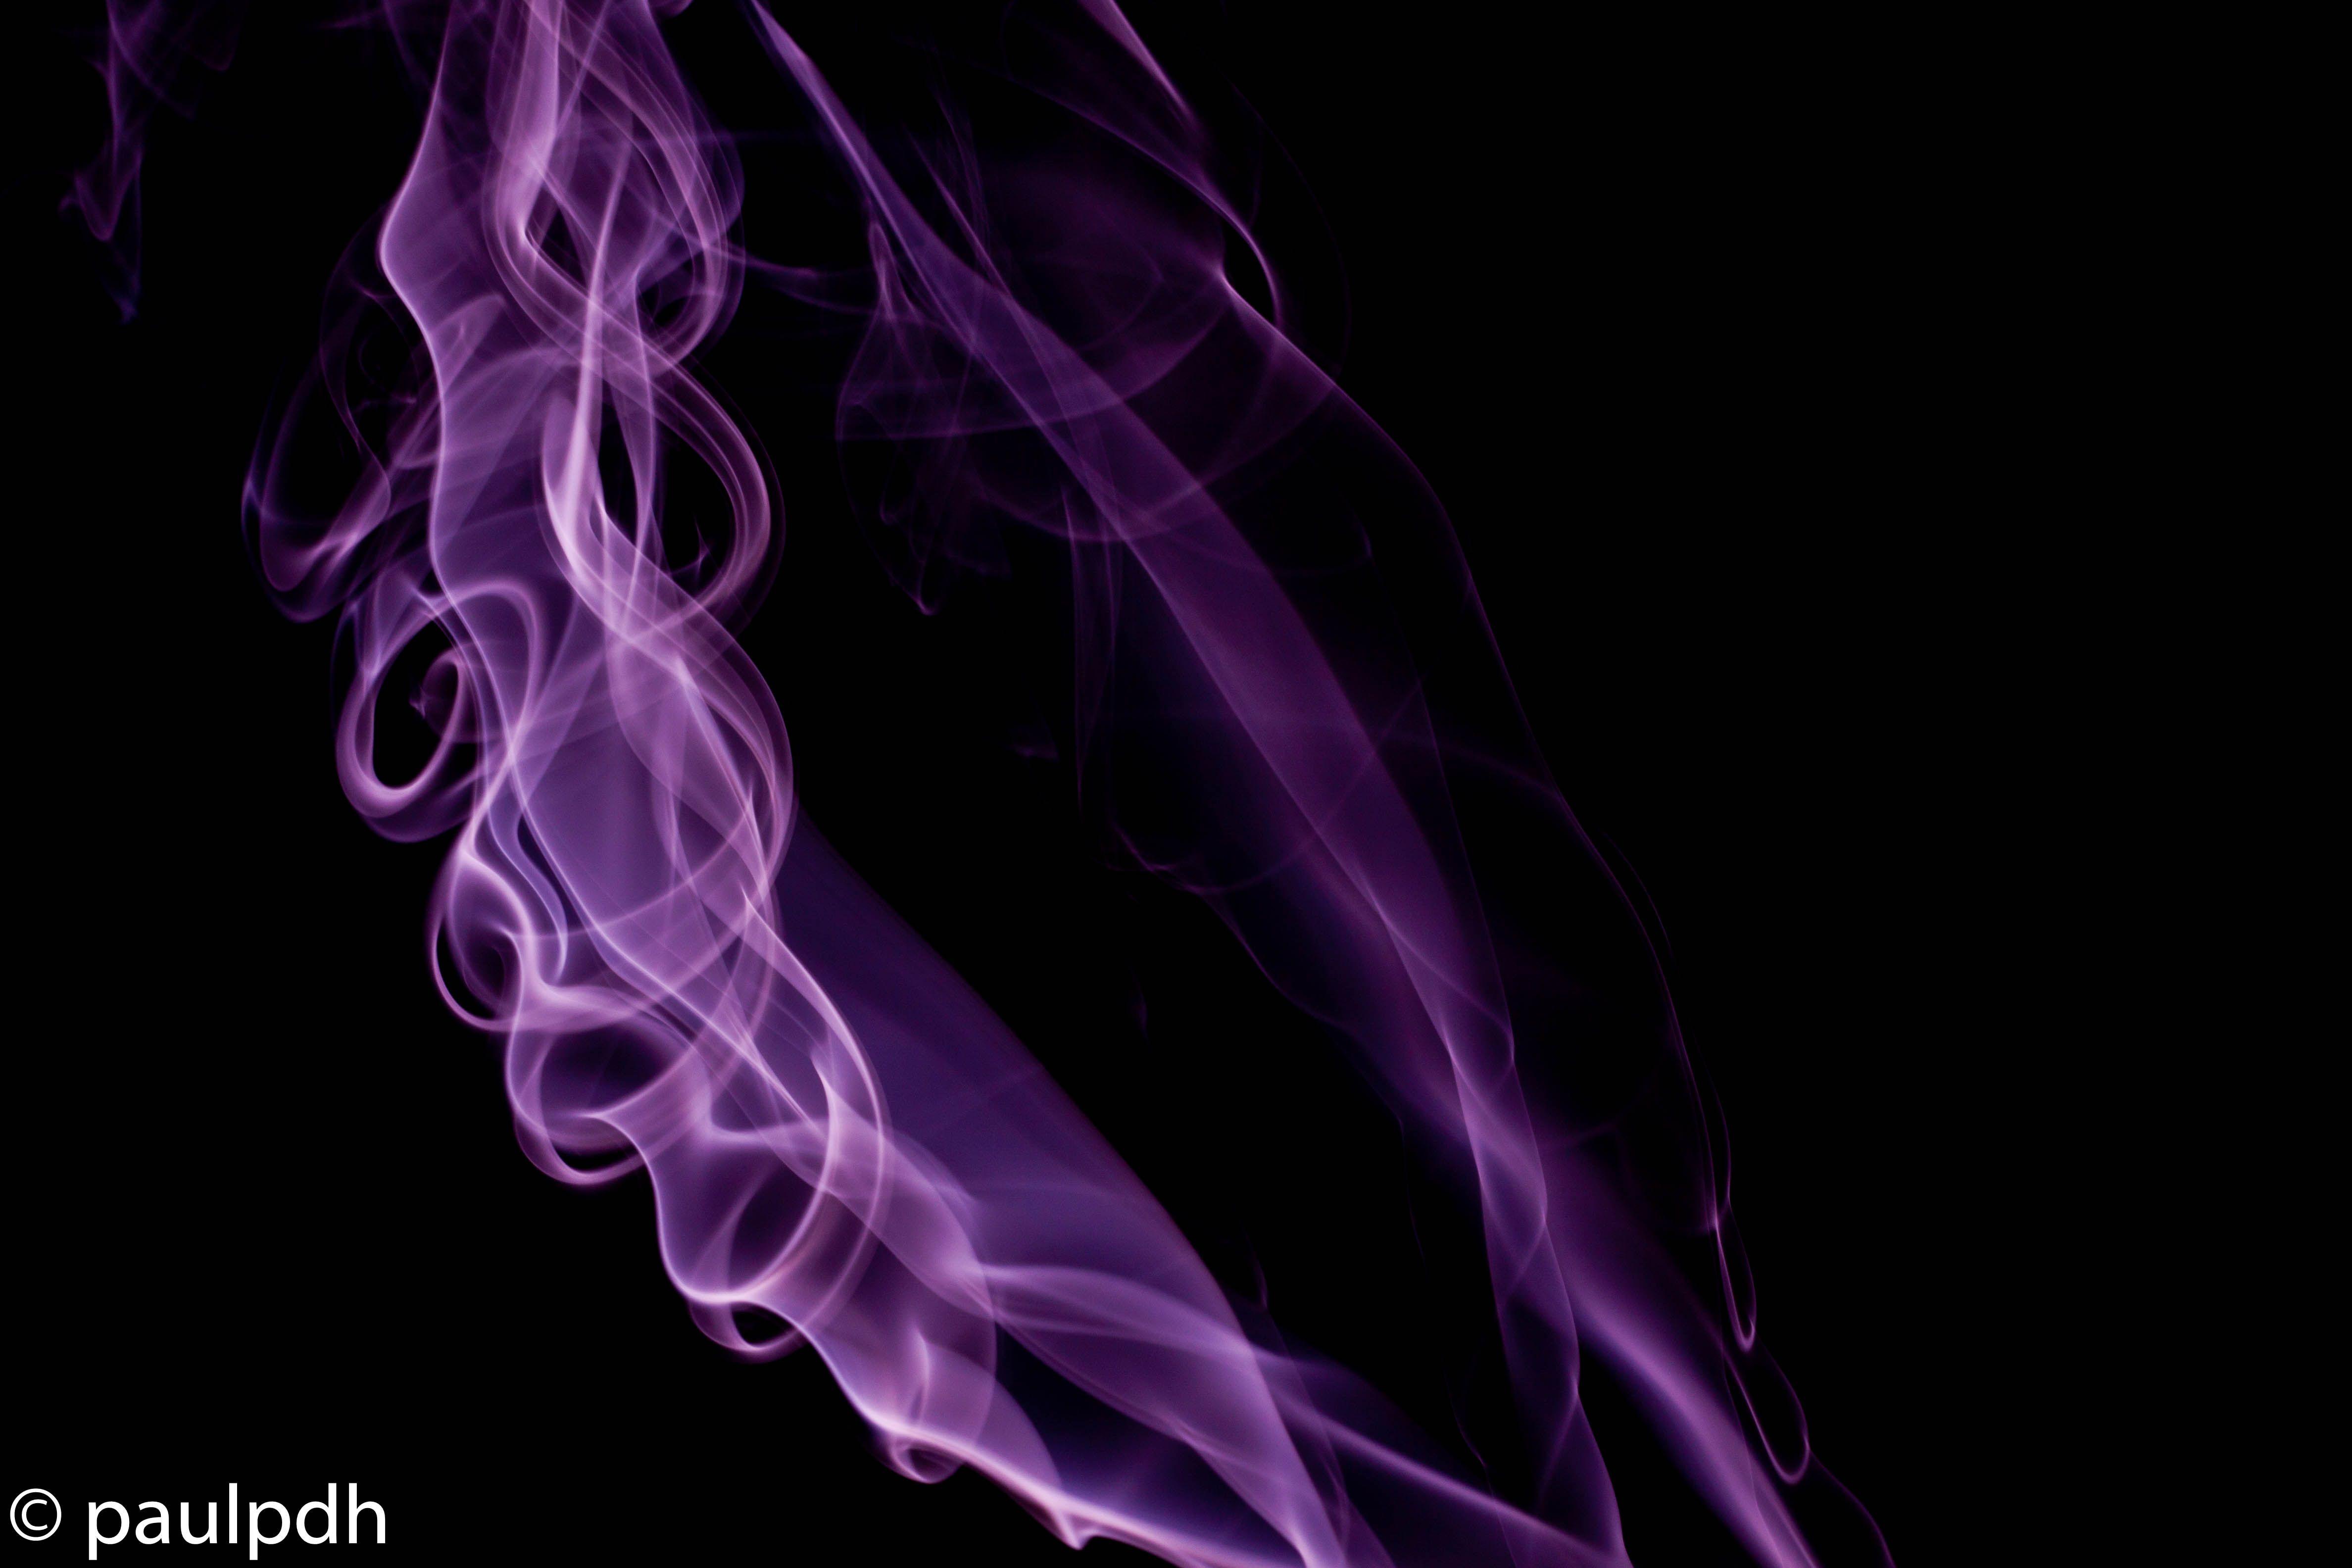 Purple Smoke | Smoke Photography | Pinterest | Smoke photography